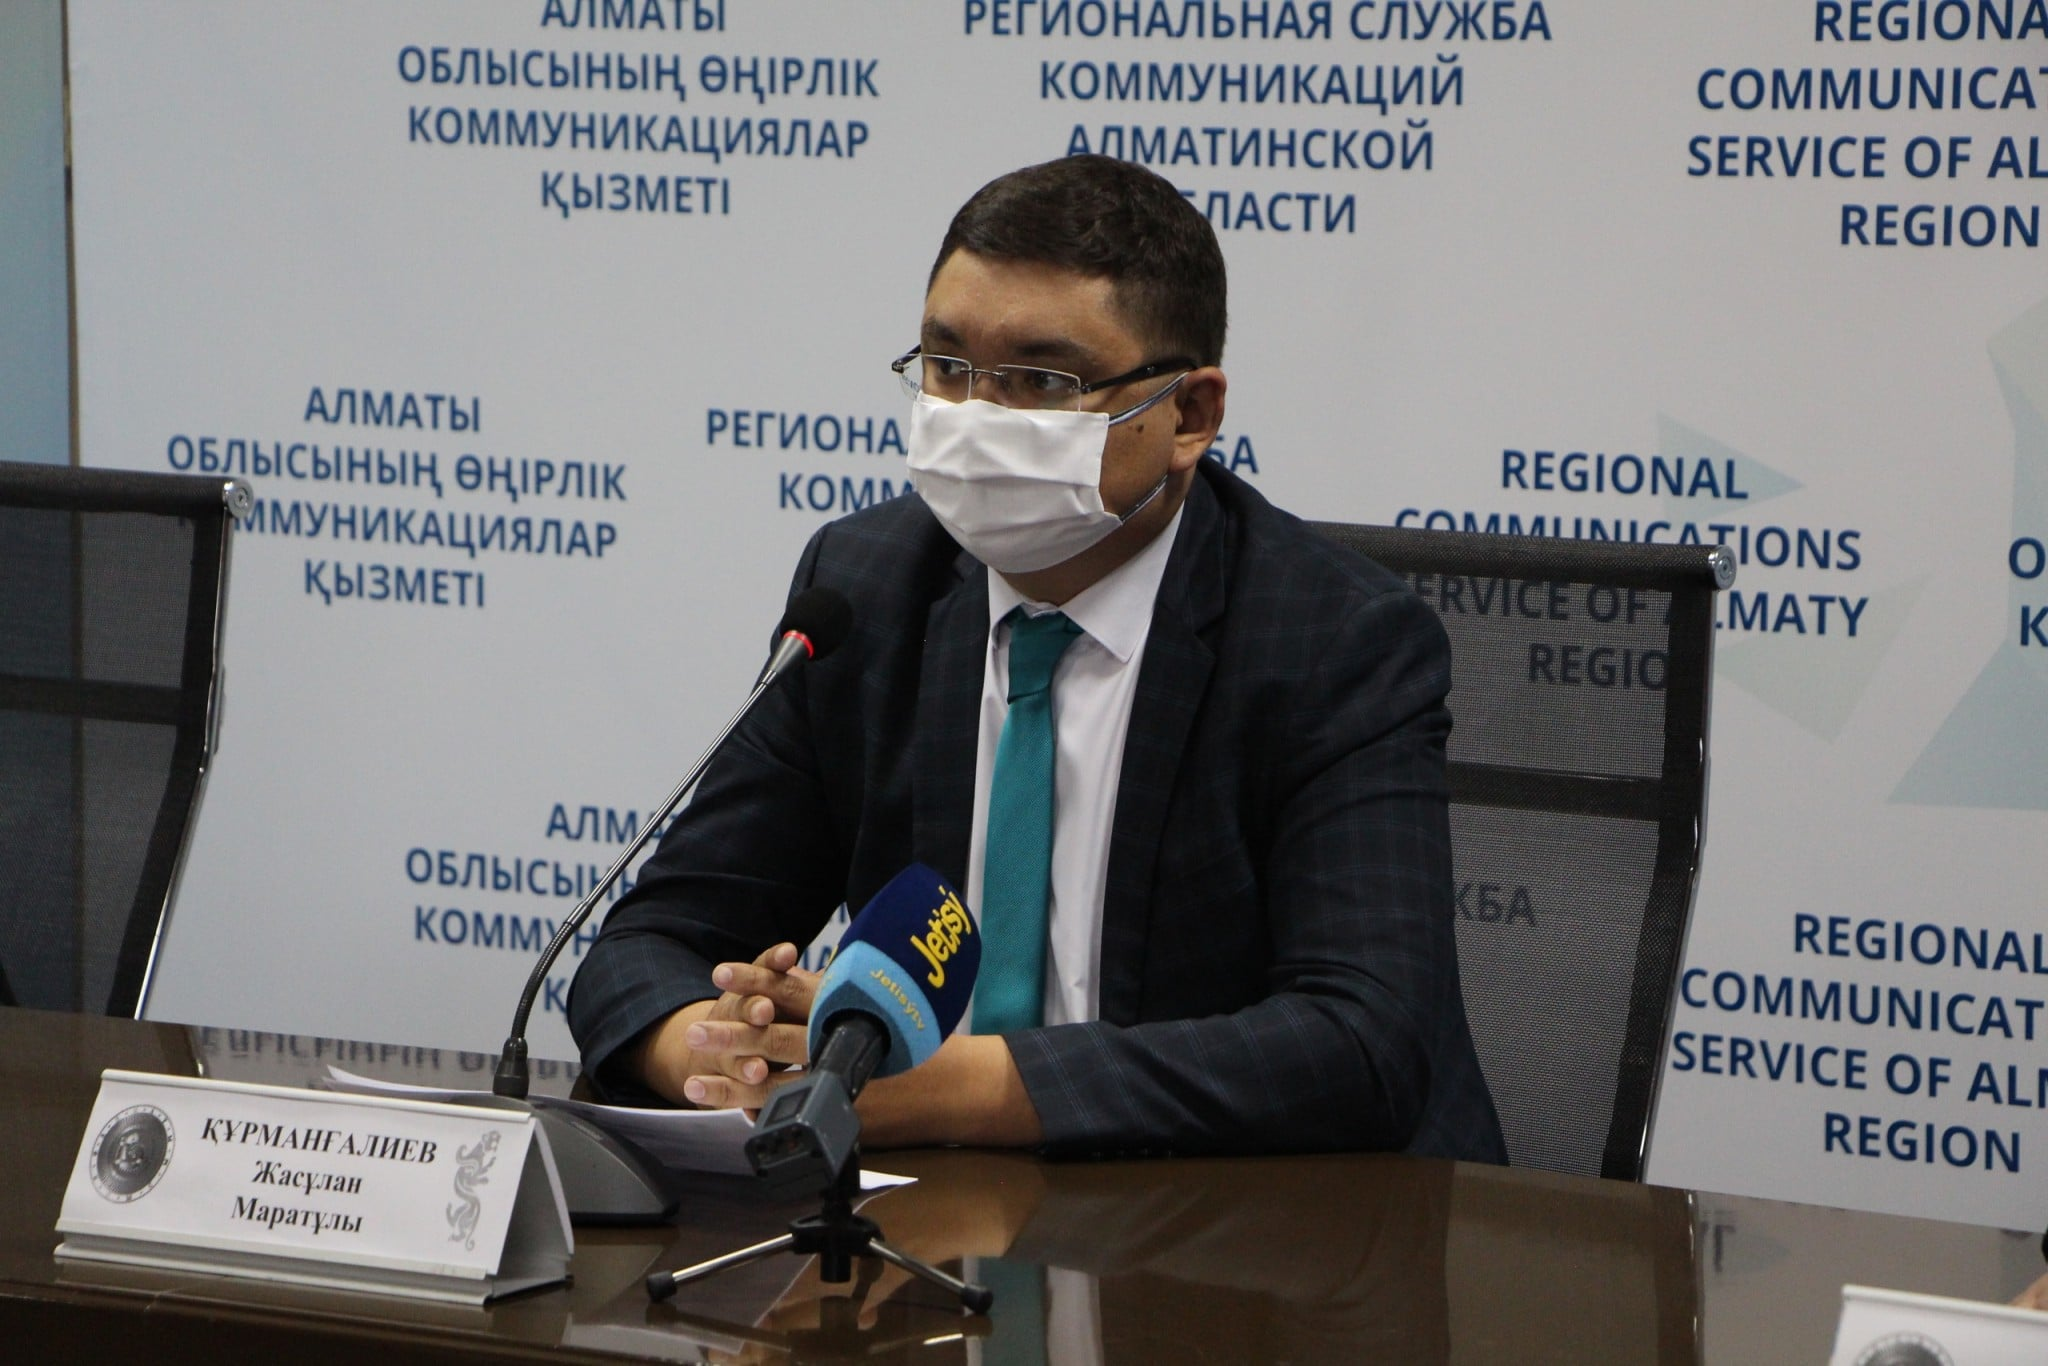 Жасұлан Құрманғалиев